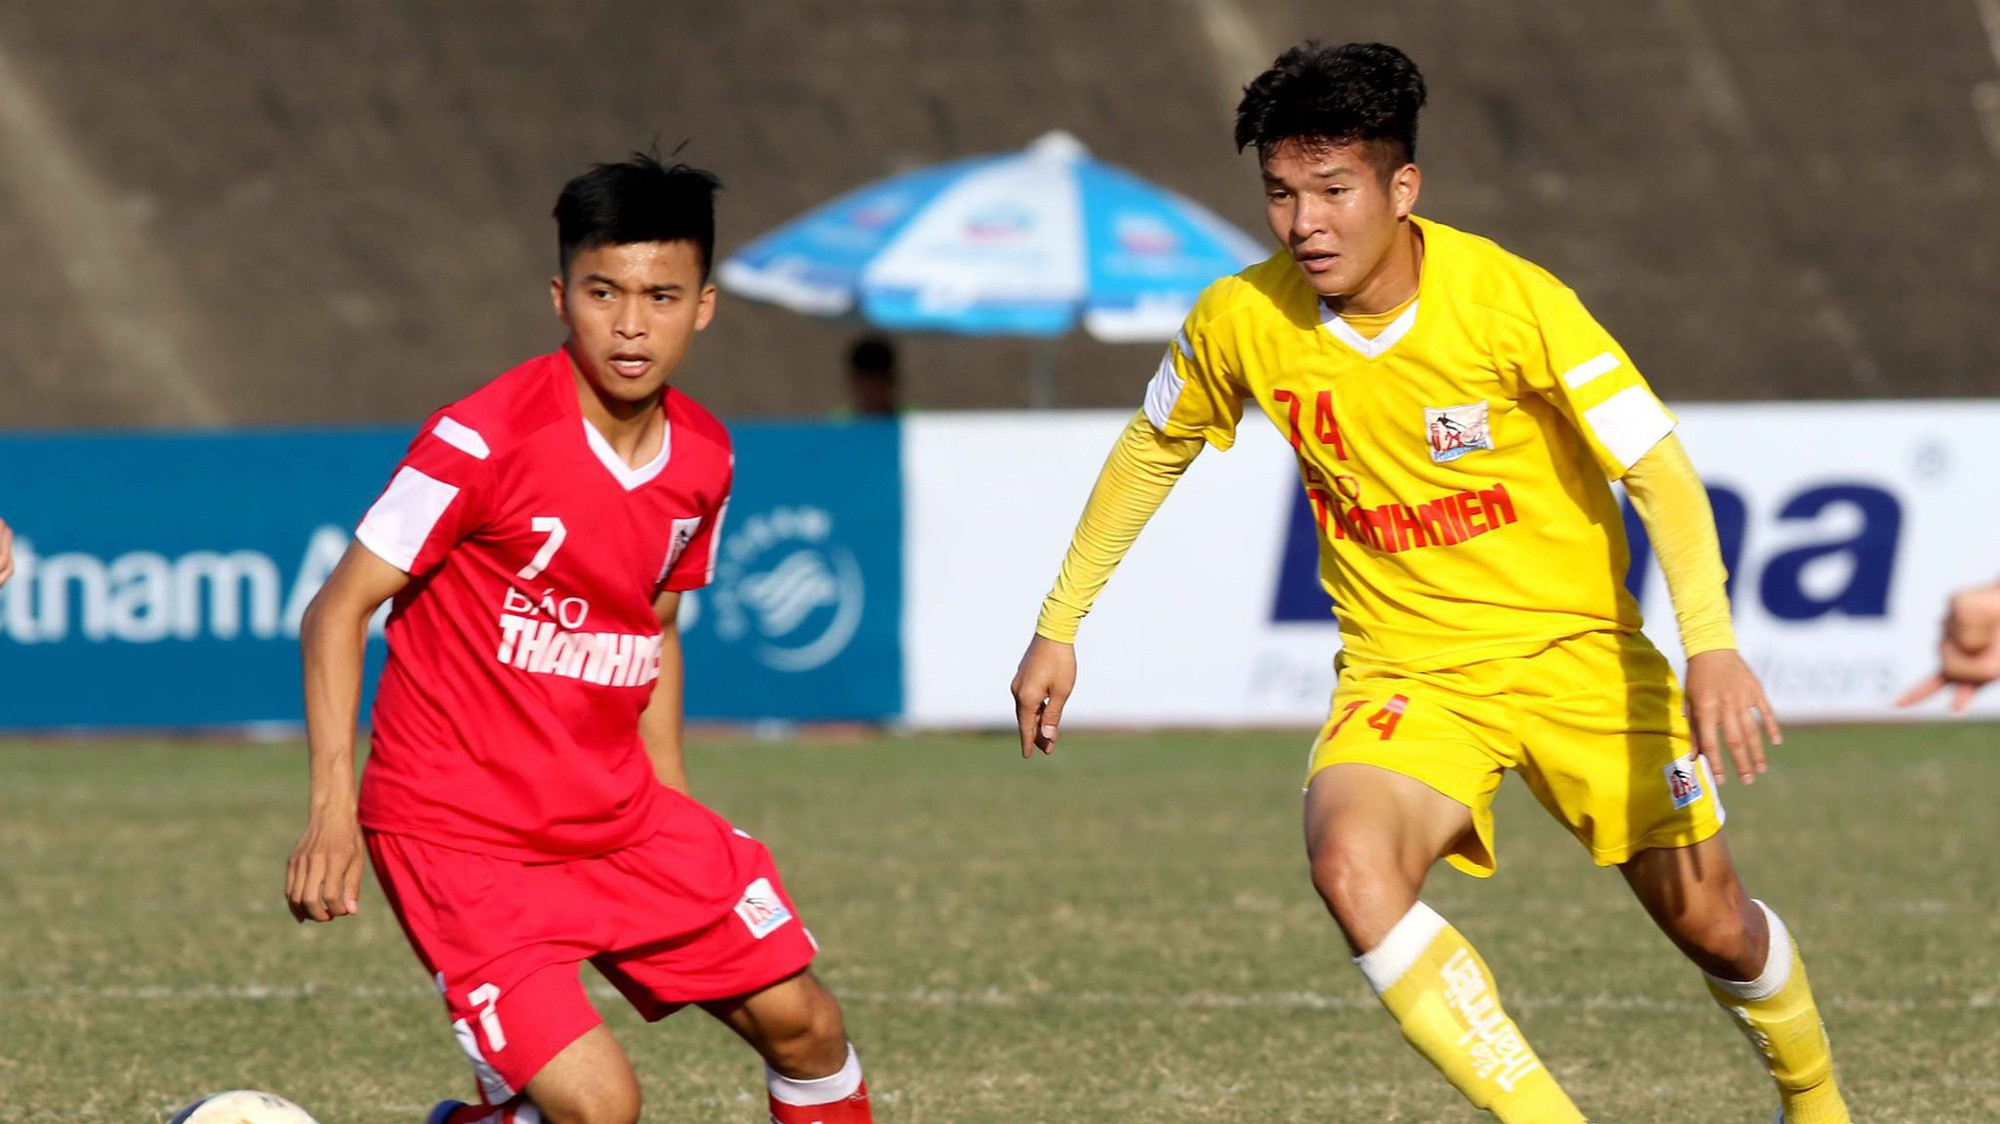 Góc nhìn: U23 Việt Nam và những ngôi sao đứng trong tối - Bóng Đá